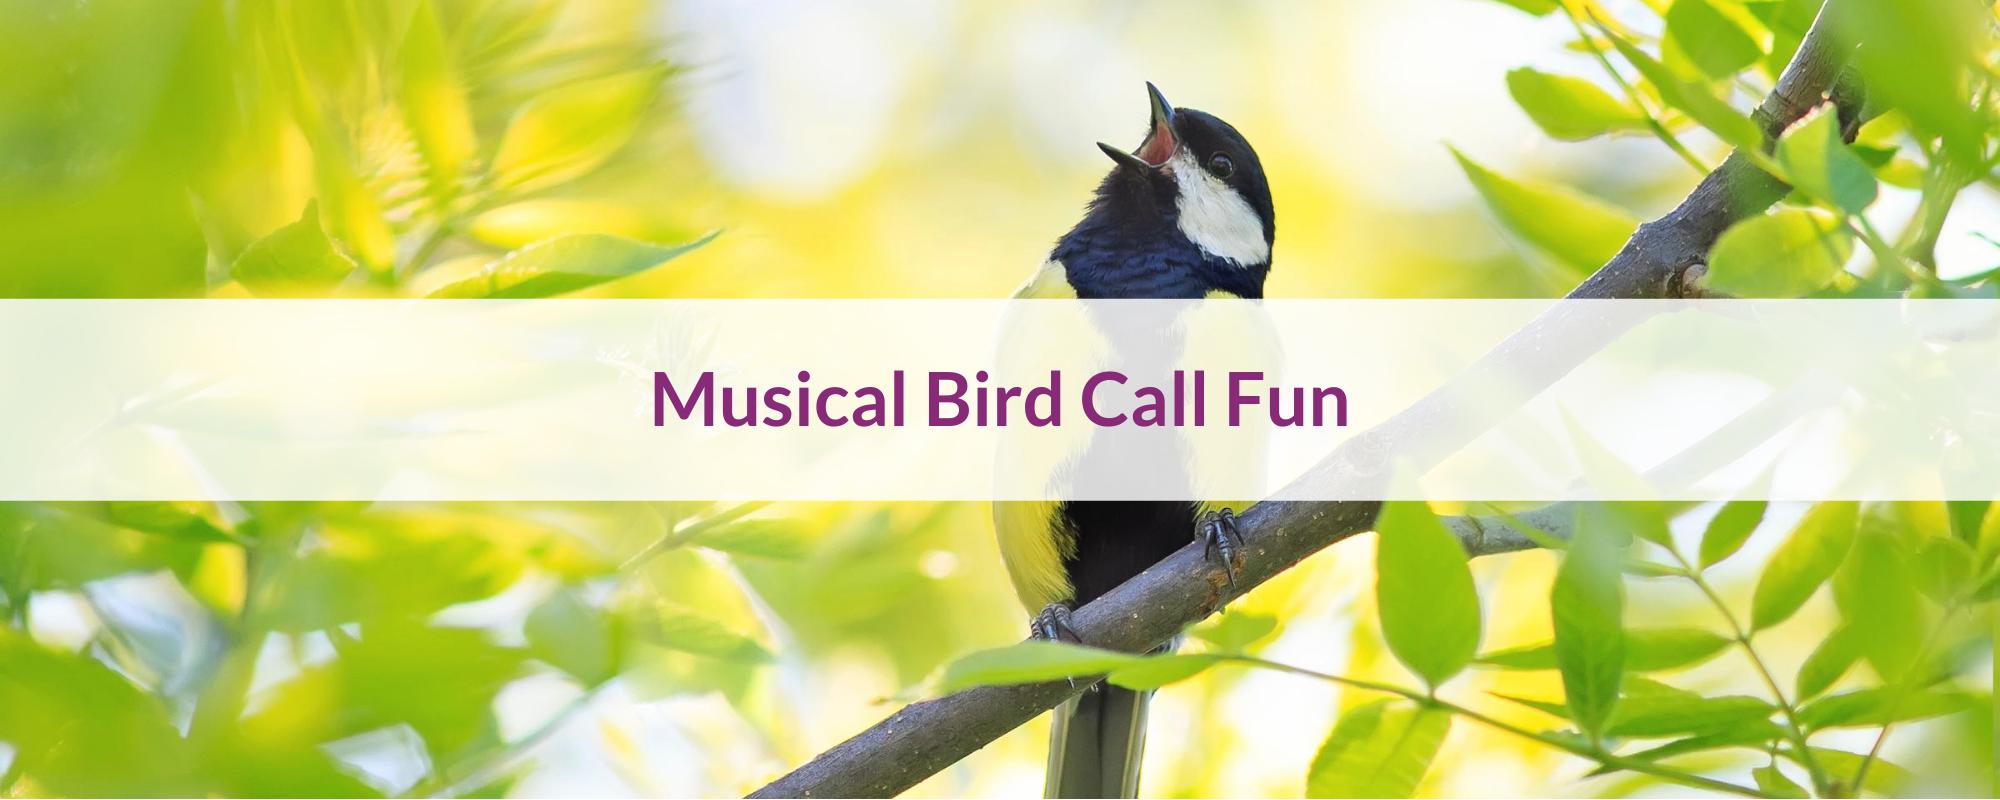 Canciones Musicales de Pájaros